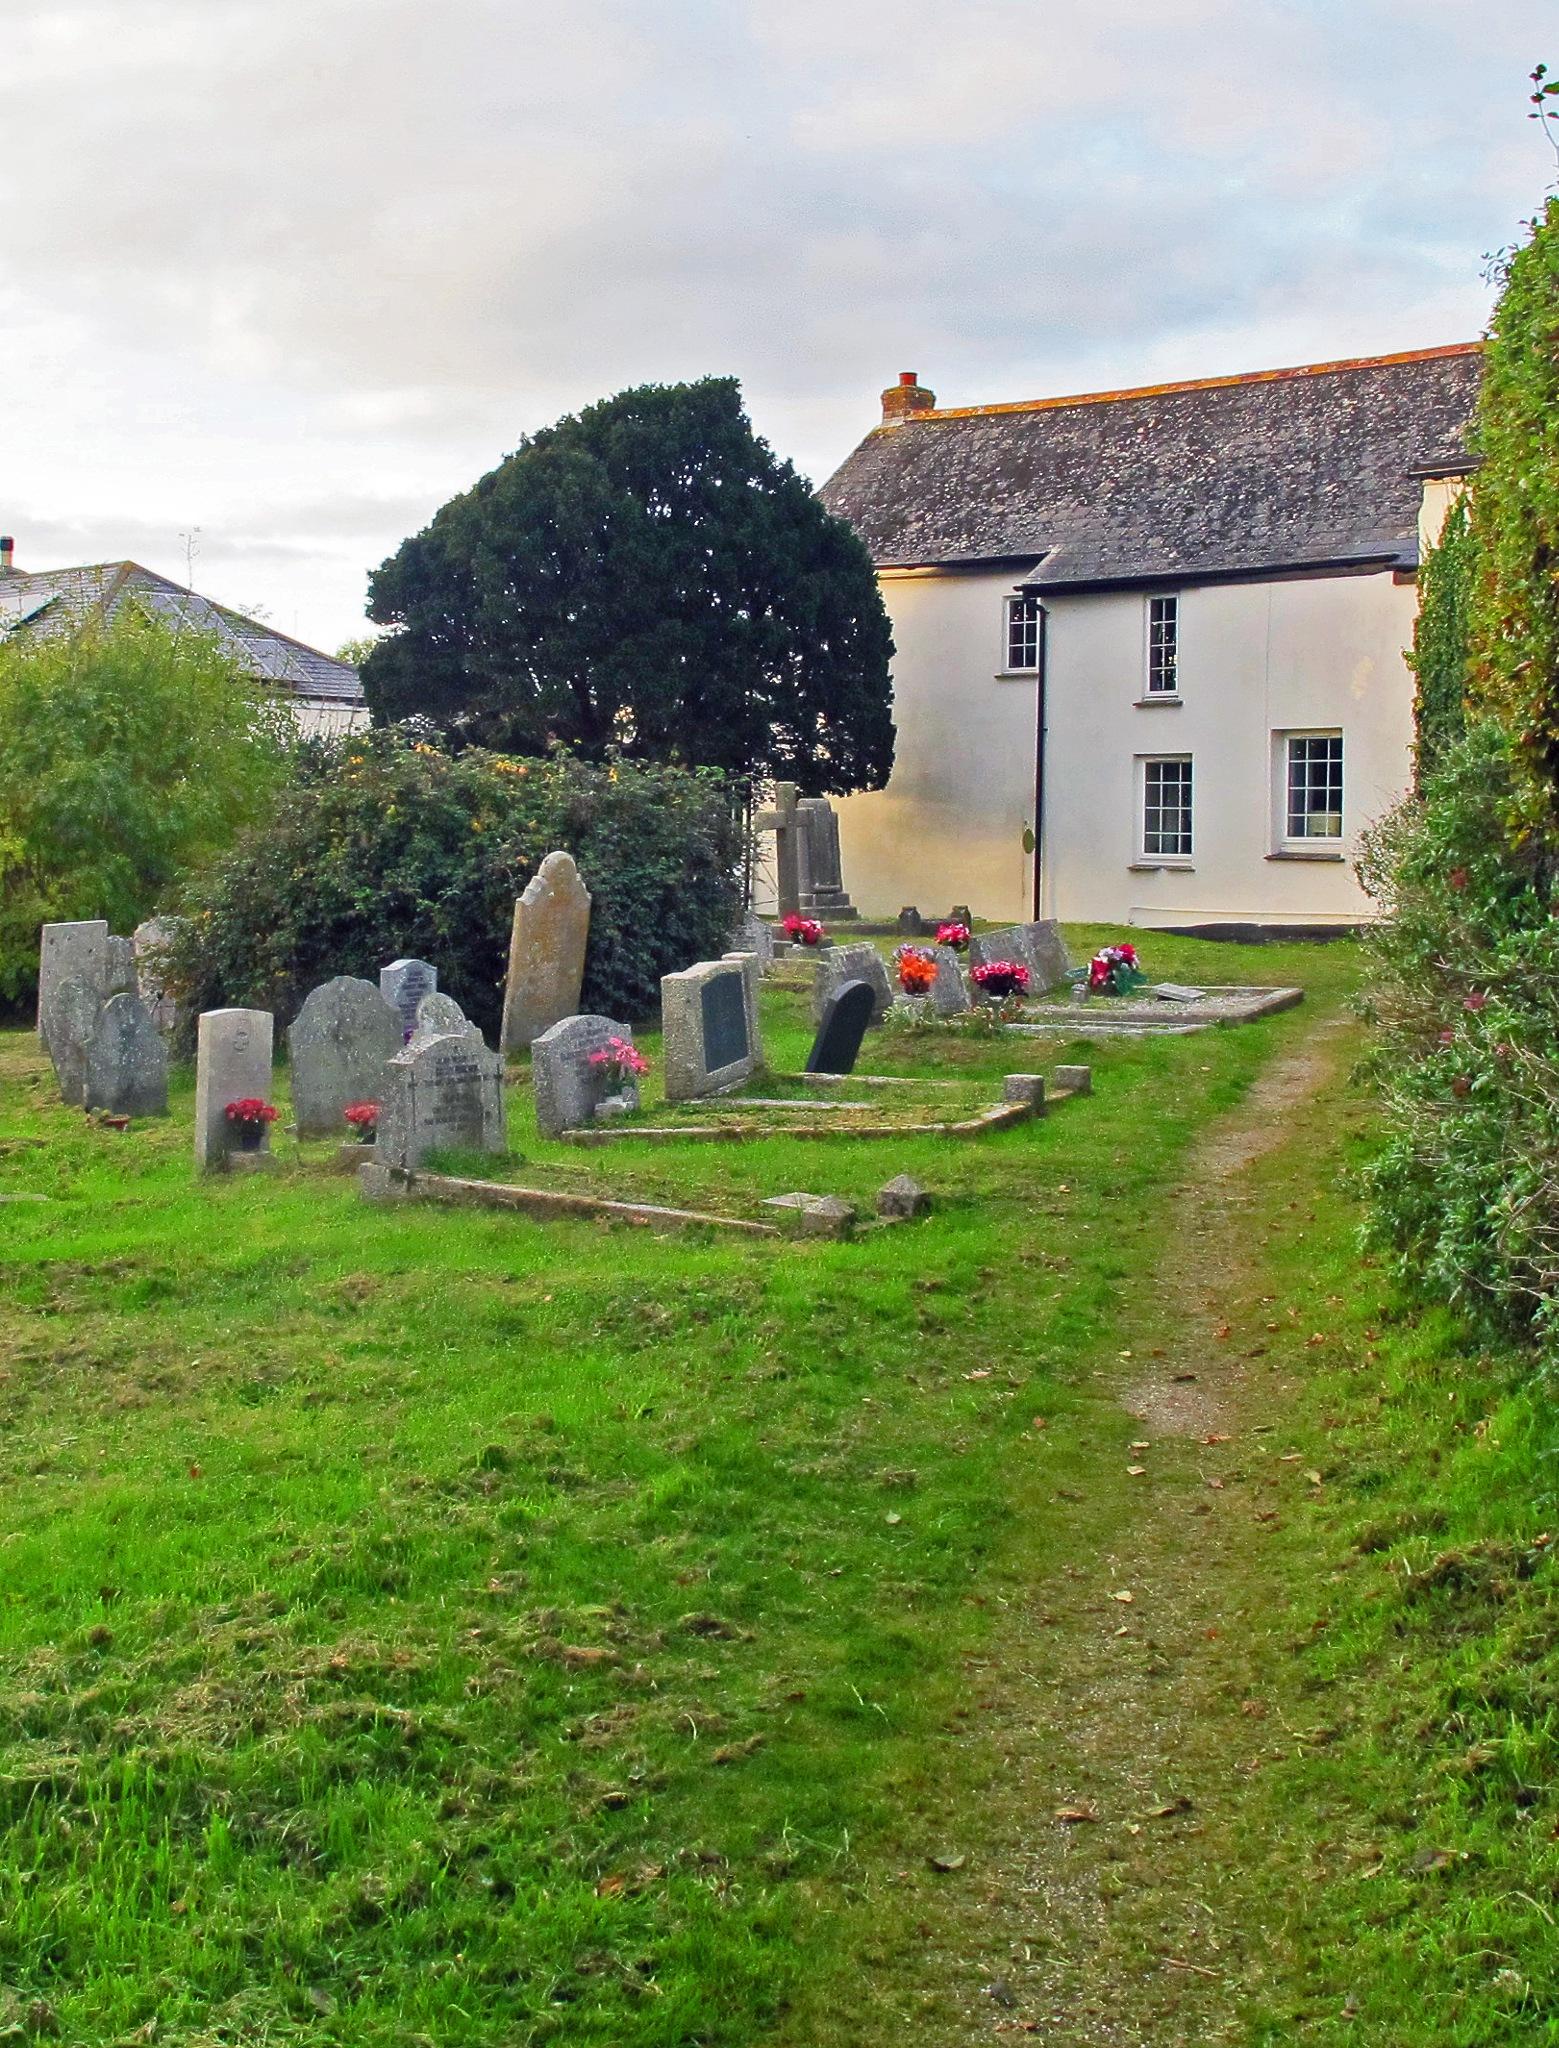 A Village Graveyard in Autumn, 3. by jamez